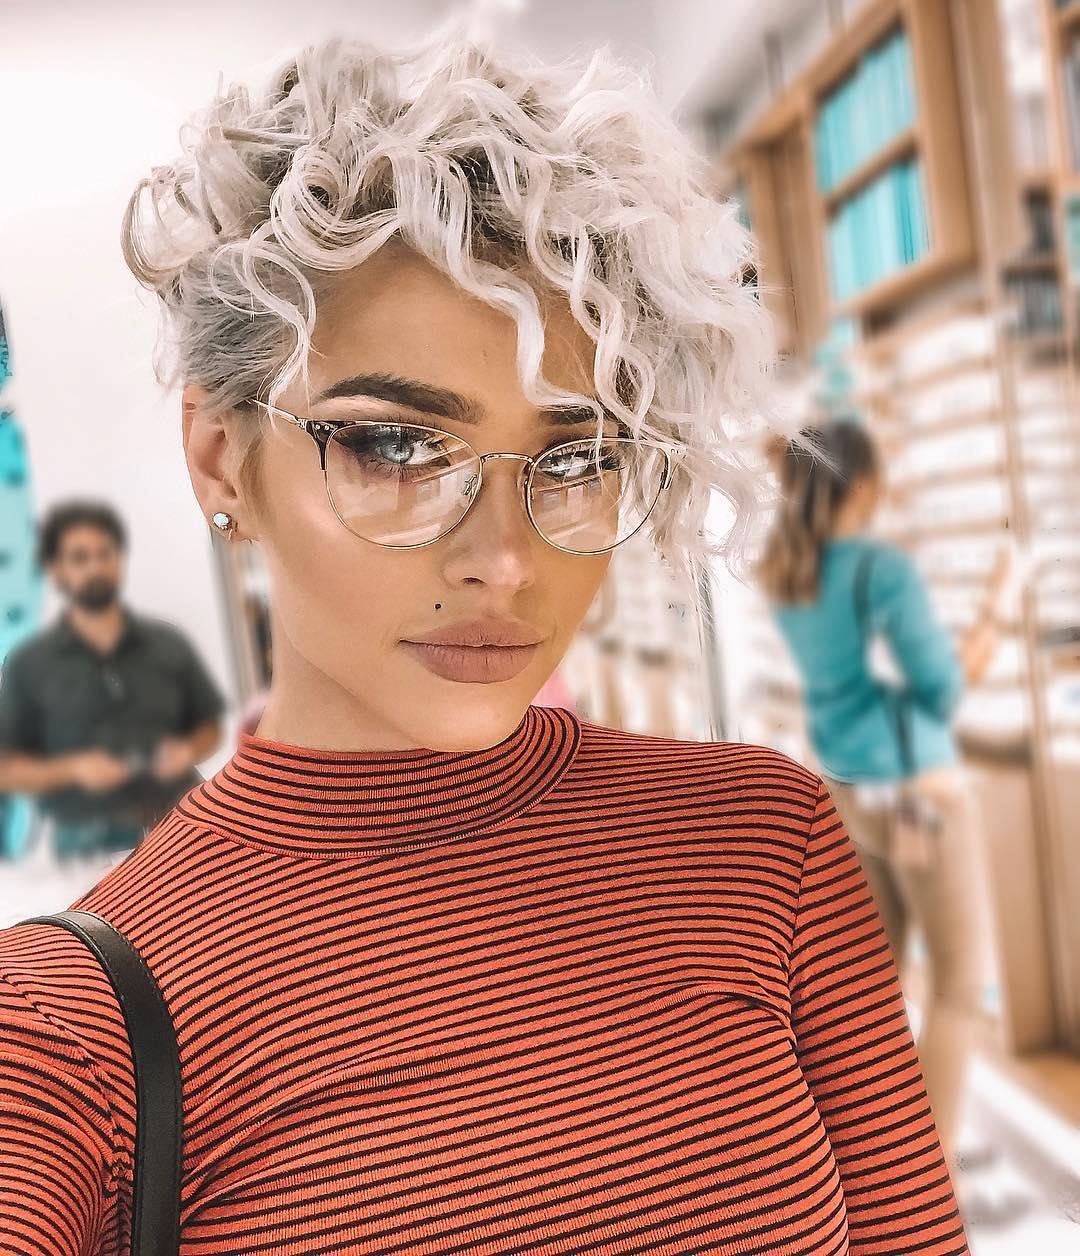 Taglio capelli mossi donna